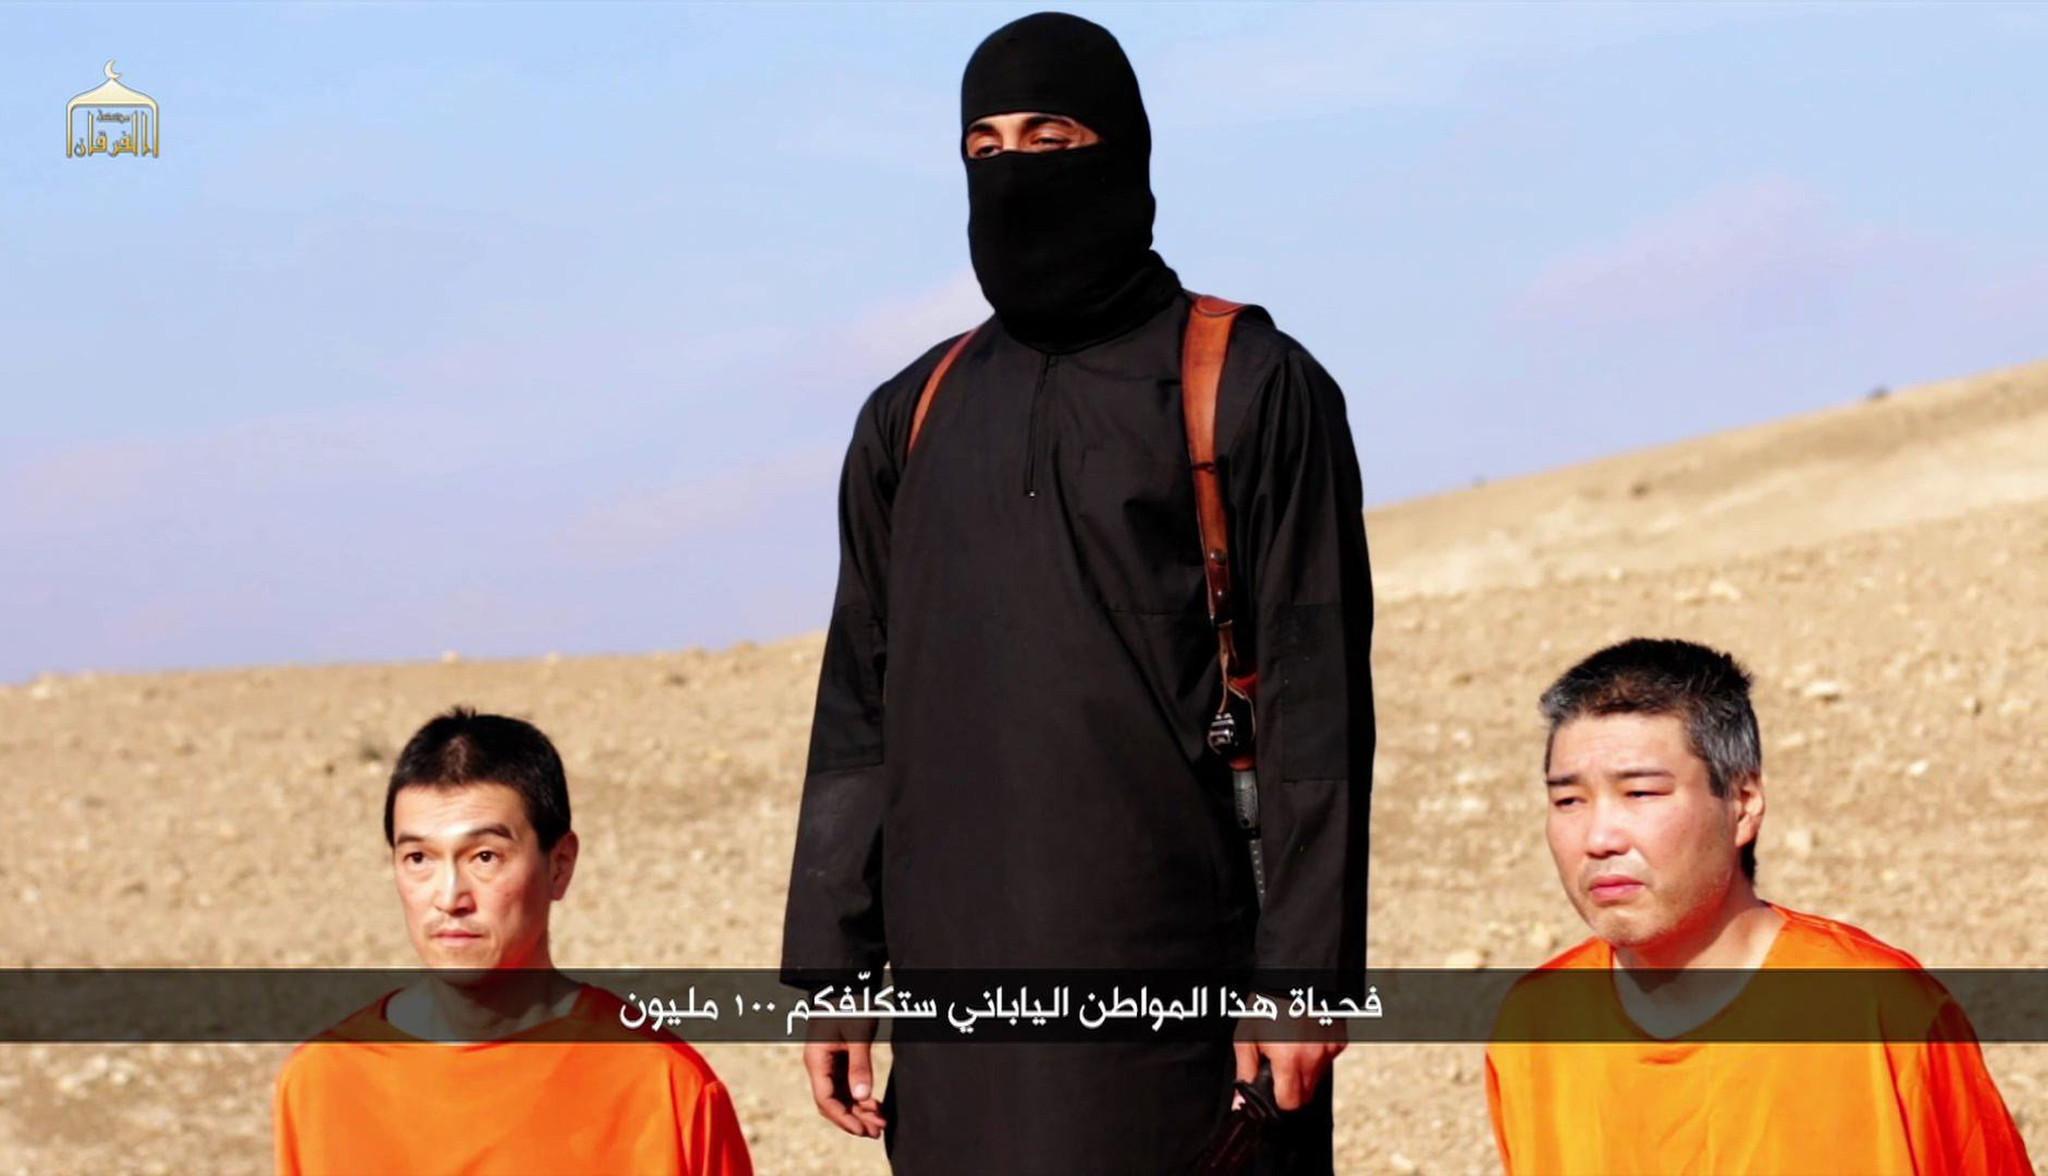 Террористы и журналистка порно смотреть онлайн 9 фотография